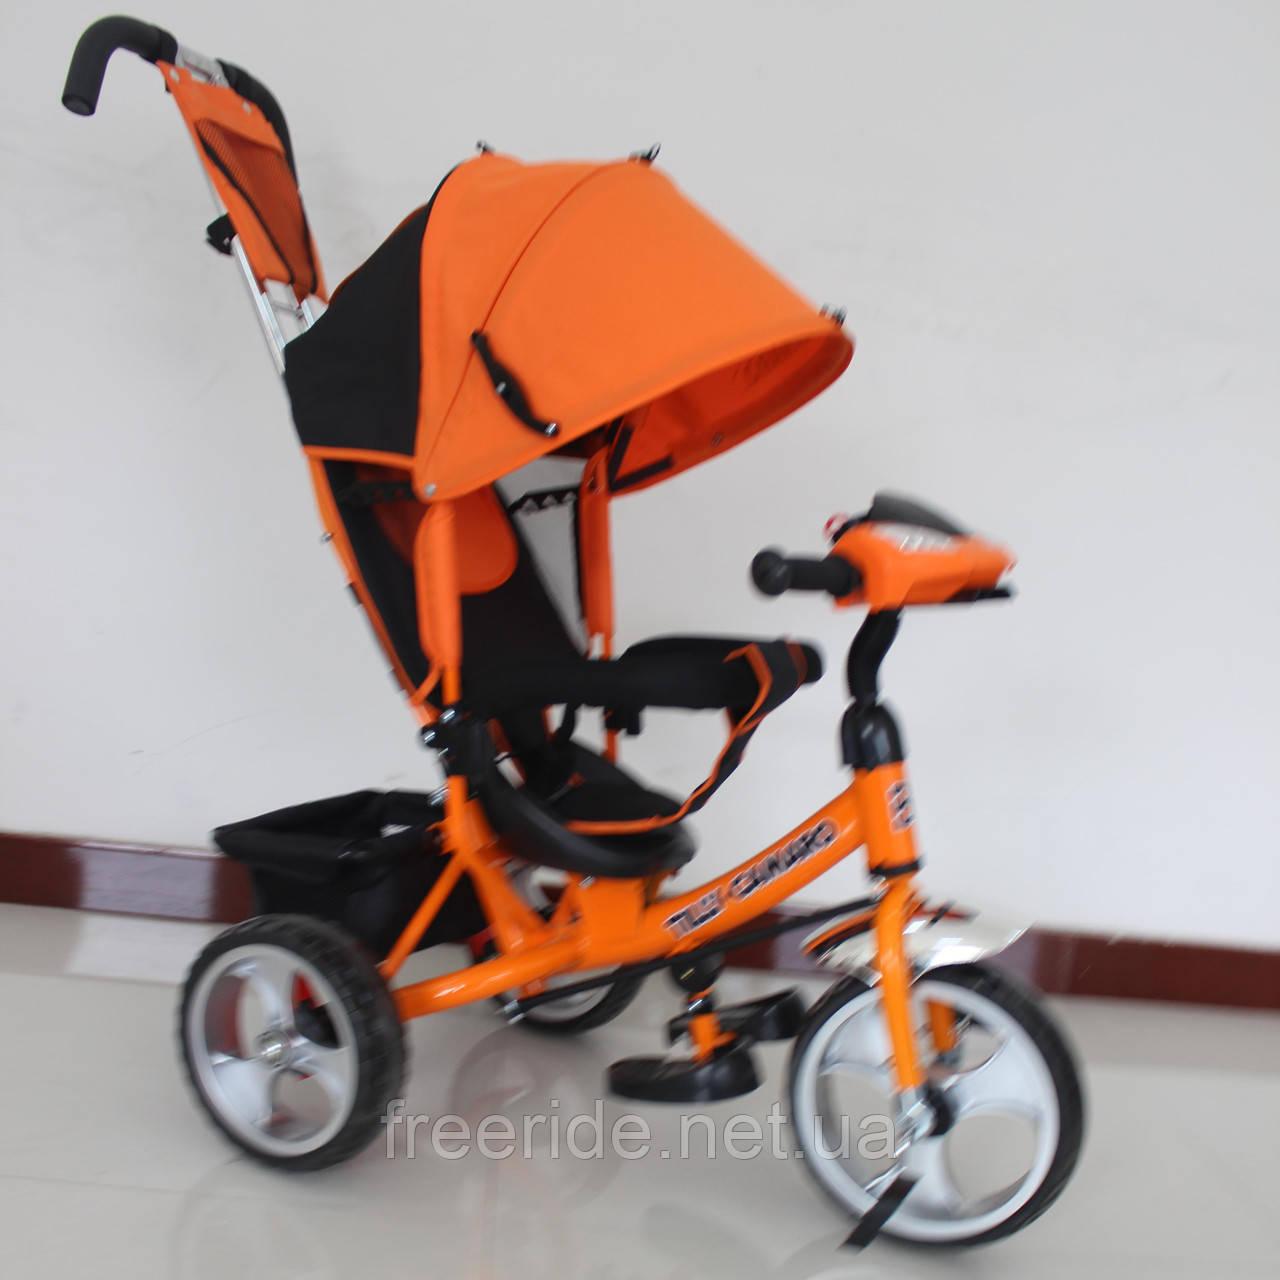 Детский трехколесный велосипед TILLY Camaro T-345